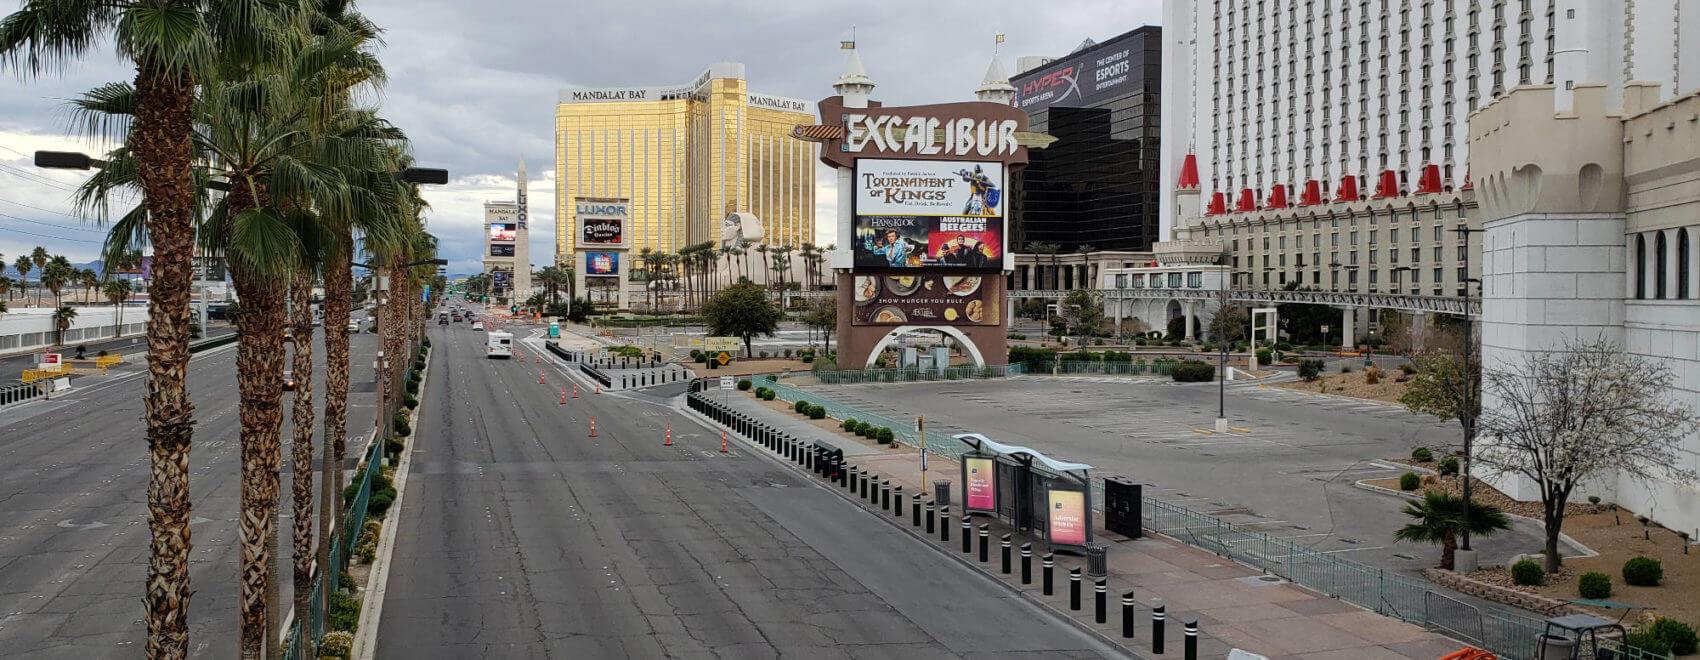 Lege Straten in Las Vegas